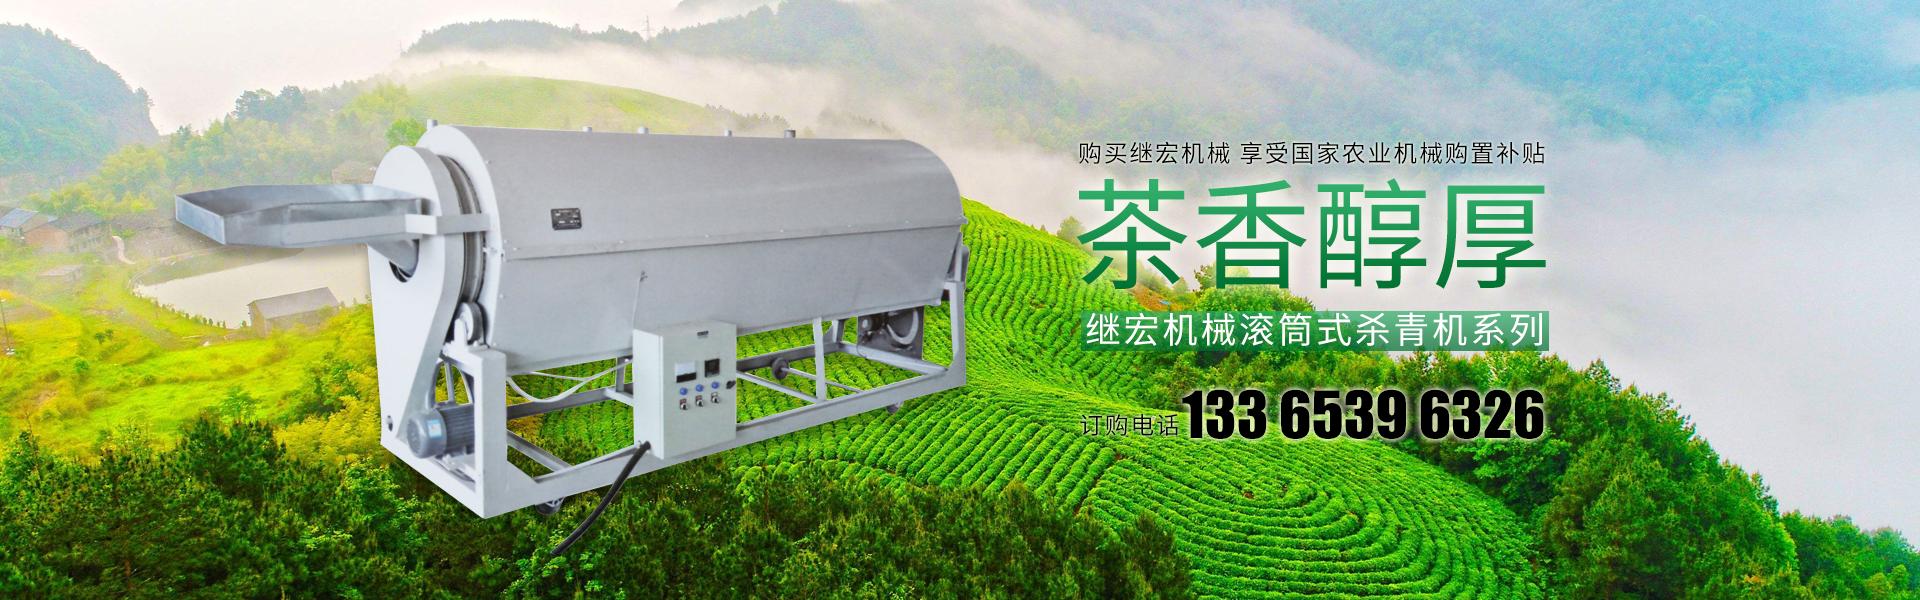 山东茶叶机械,日照茶叶机械,临沂茶叶机械厂家,茶叶杀青机厂家